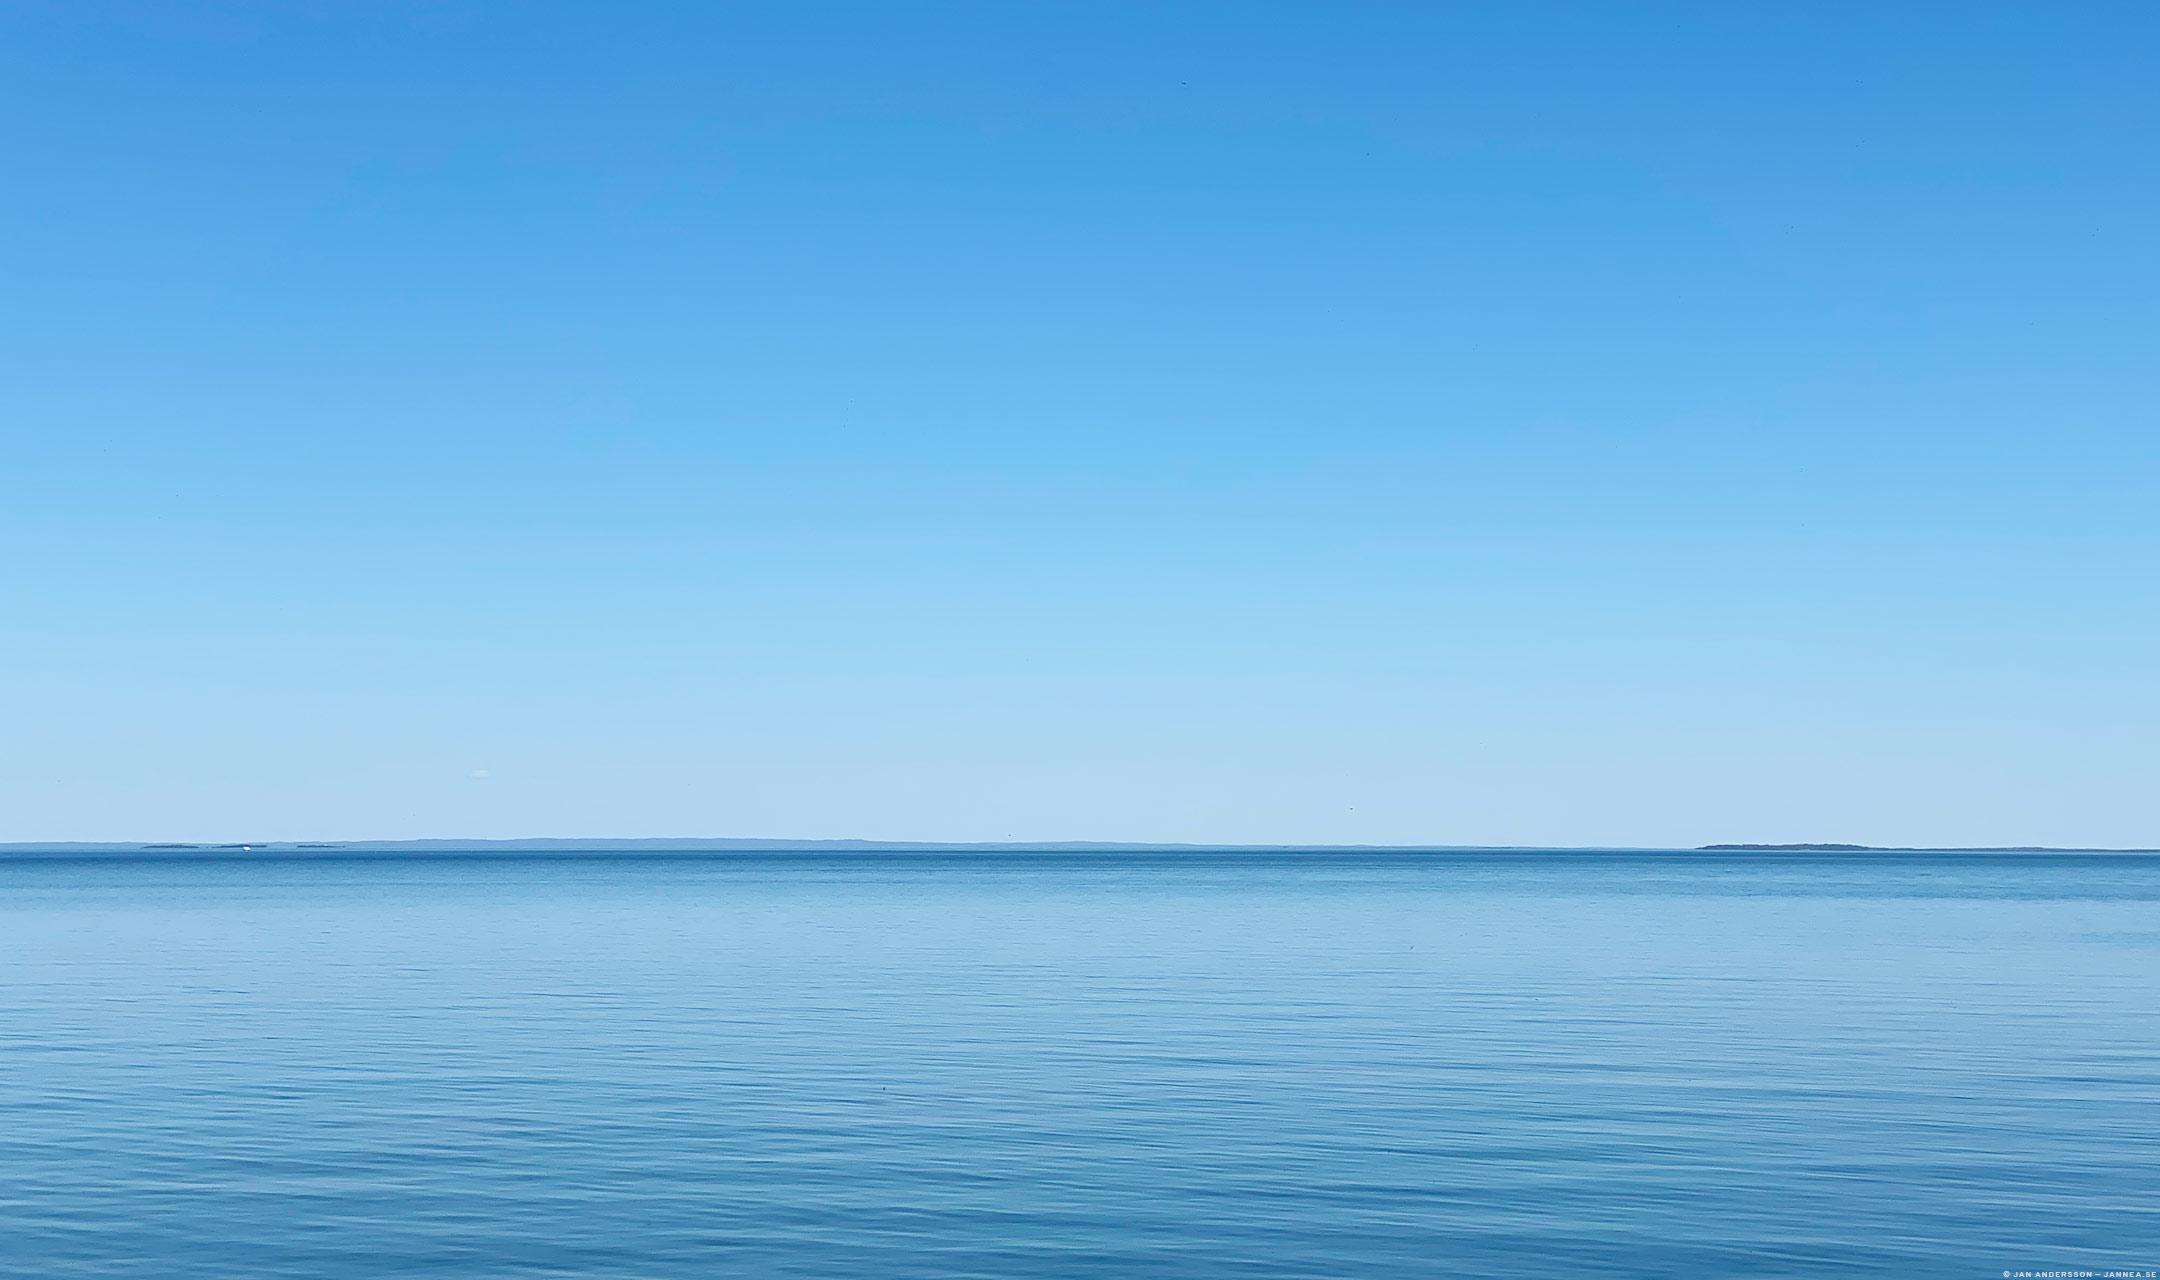 Lördagssolsken och stilla lugn